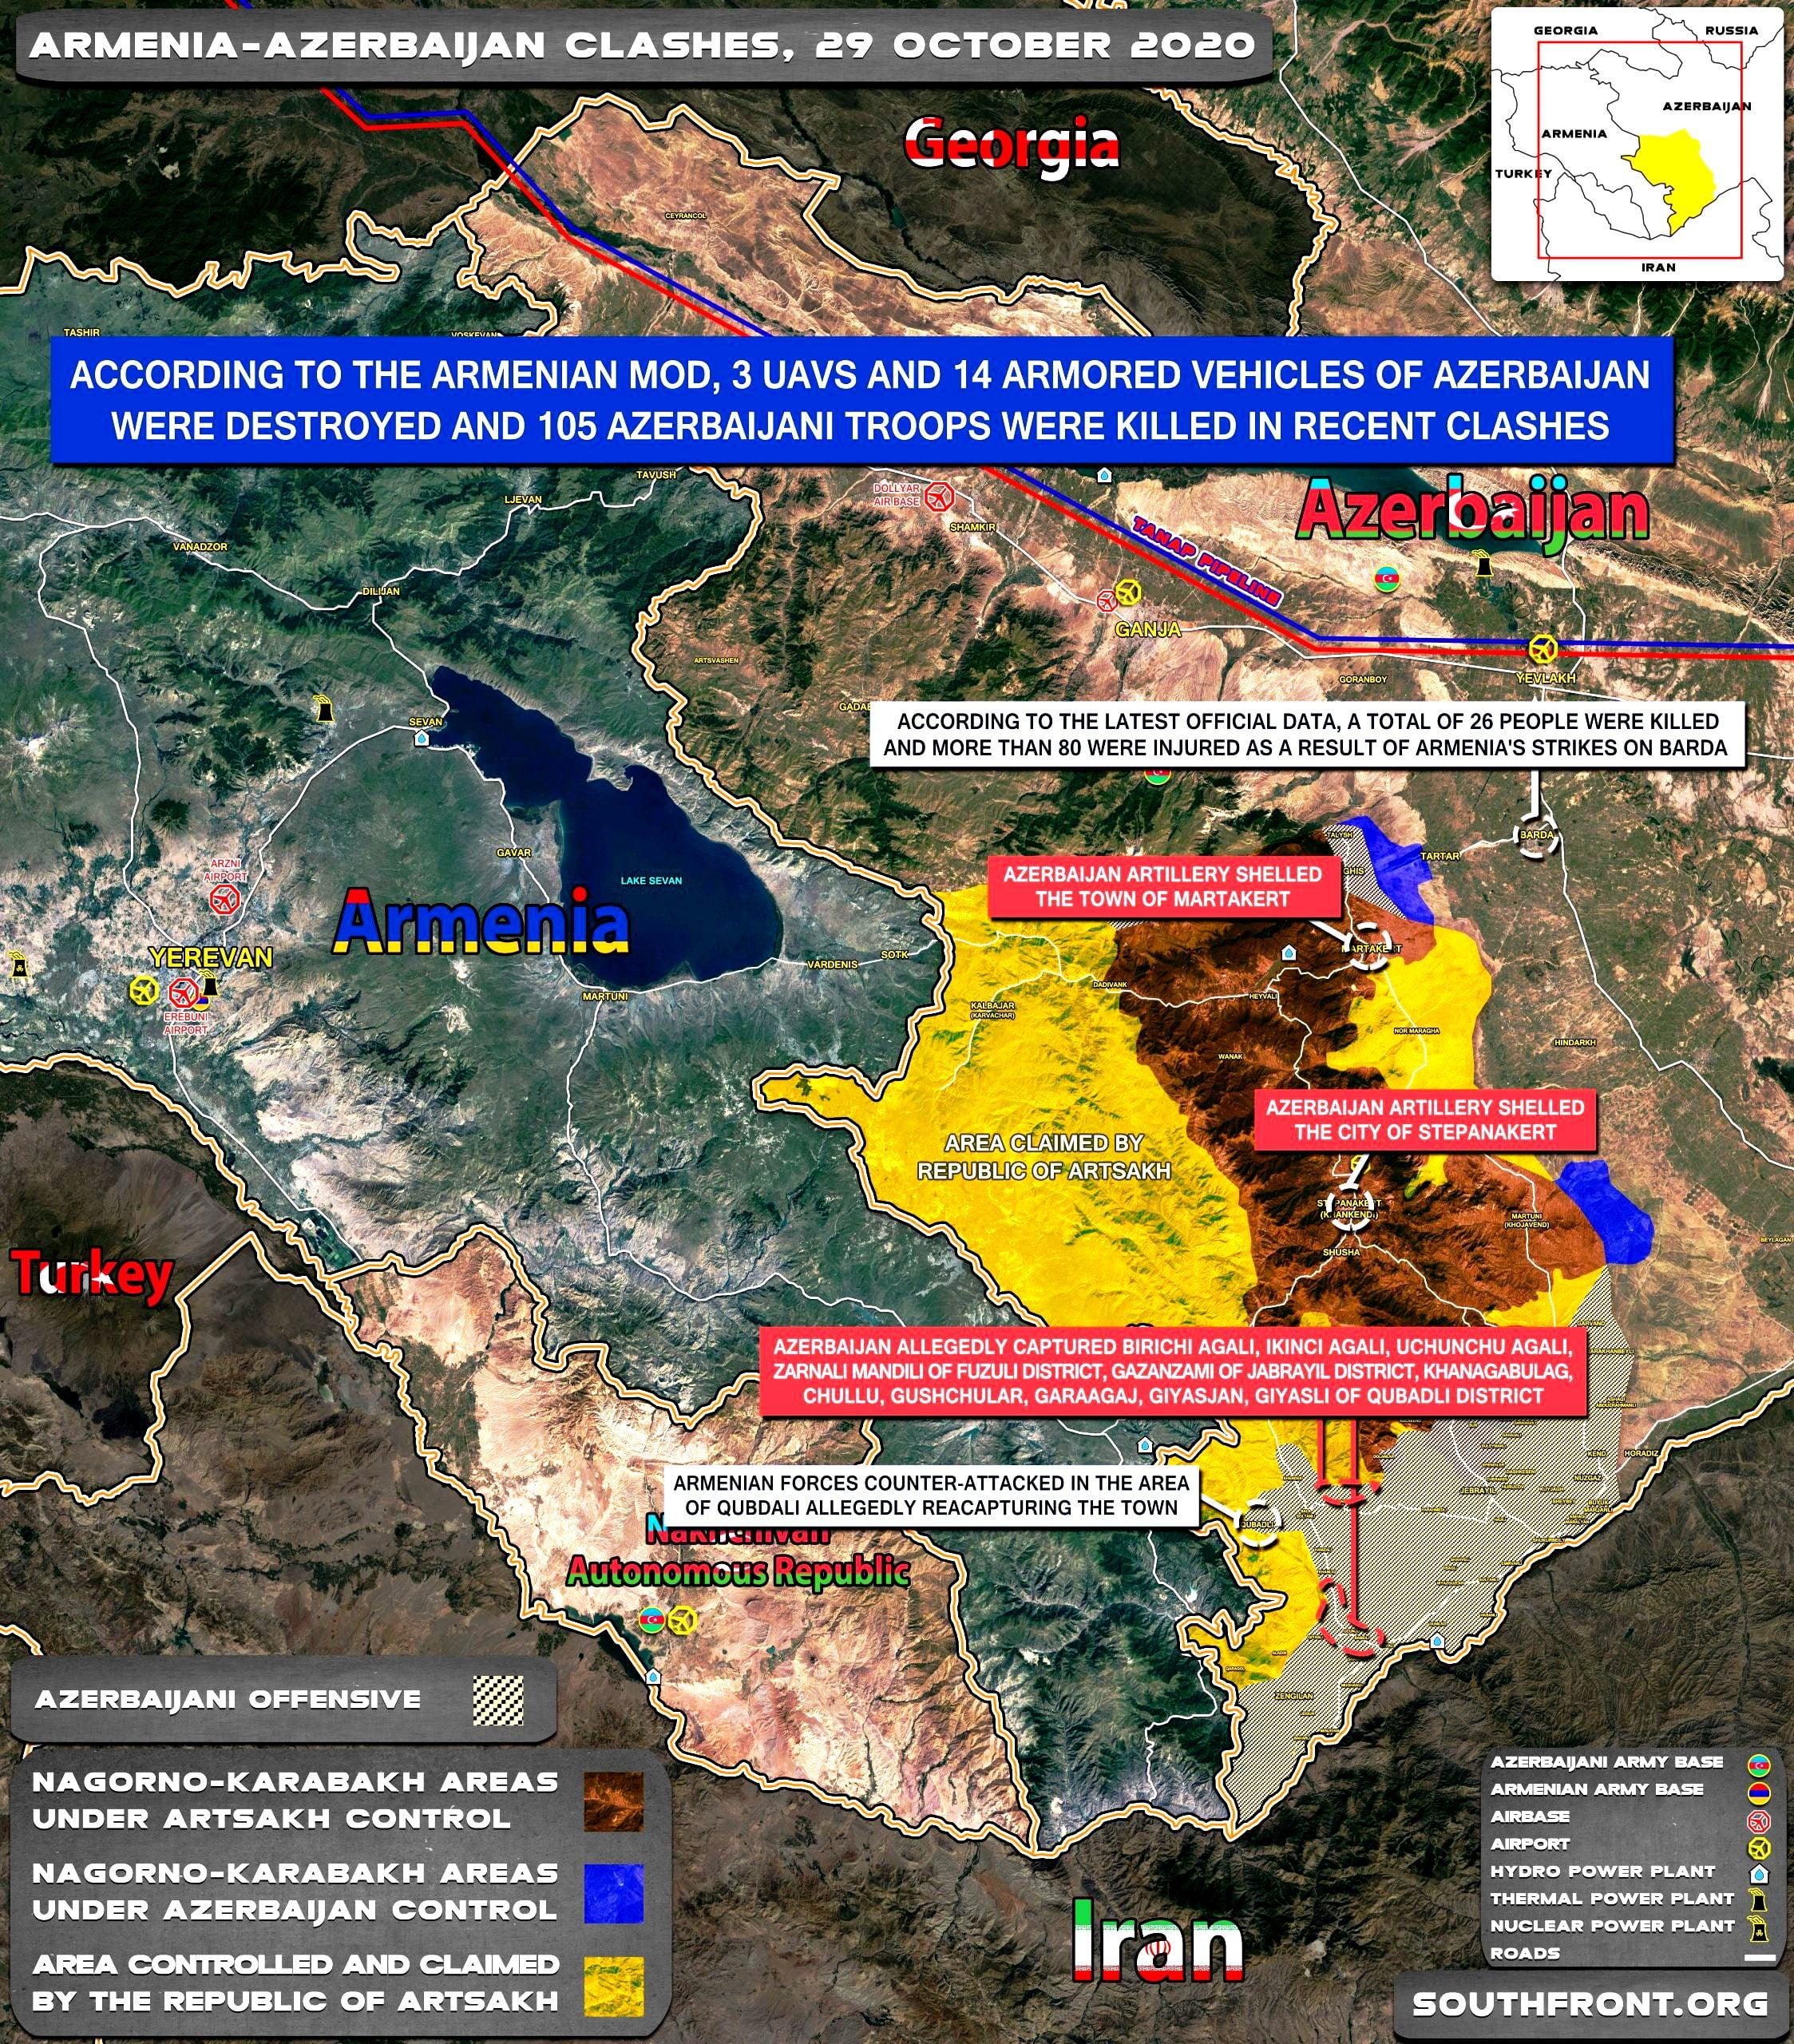 Τι ενδιαφέρει τους Ρώσους στον πόλεμο στο Ναγκόρνο-Καραμπάχ;